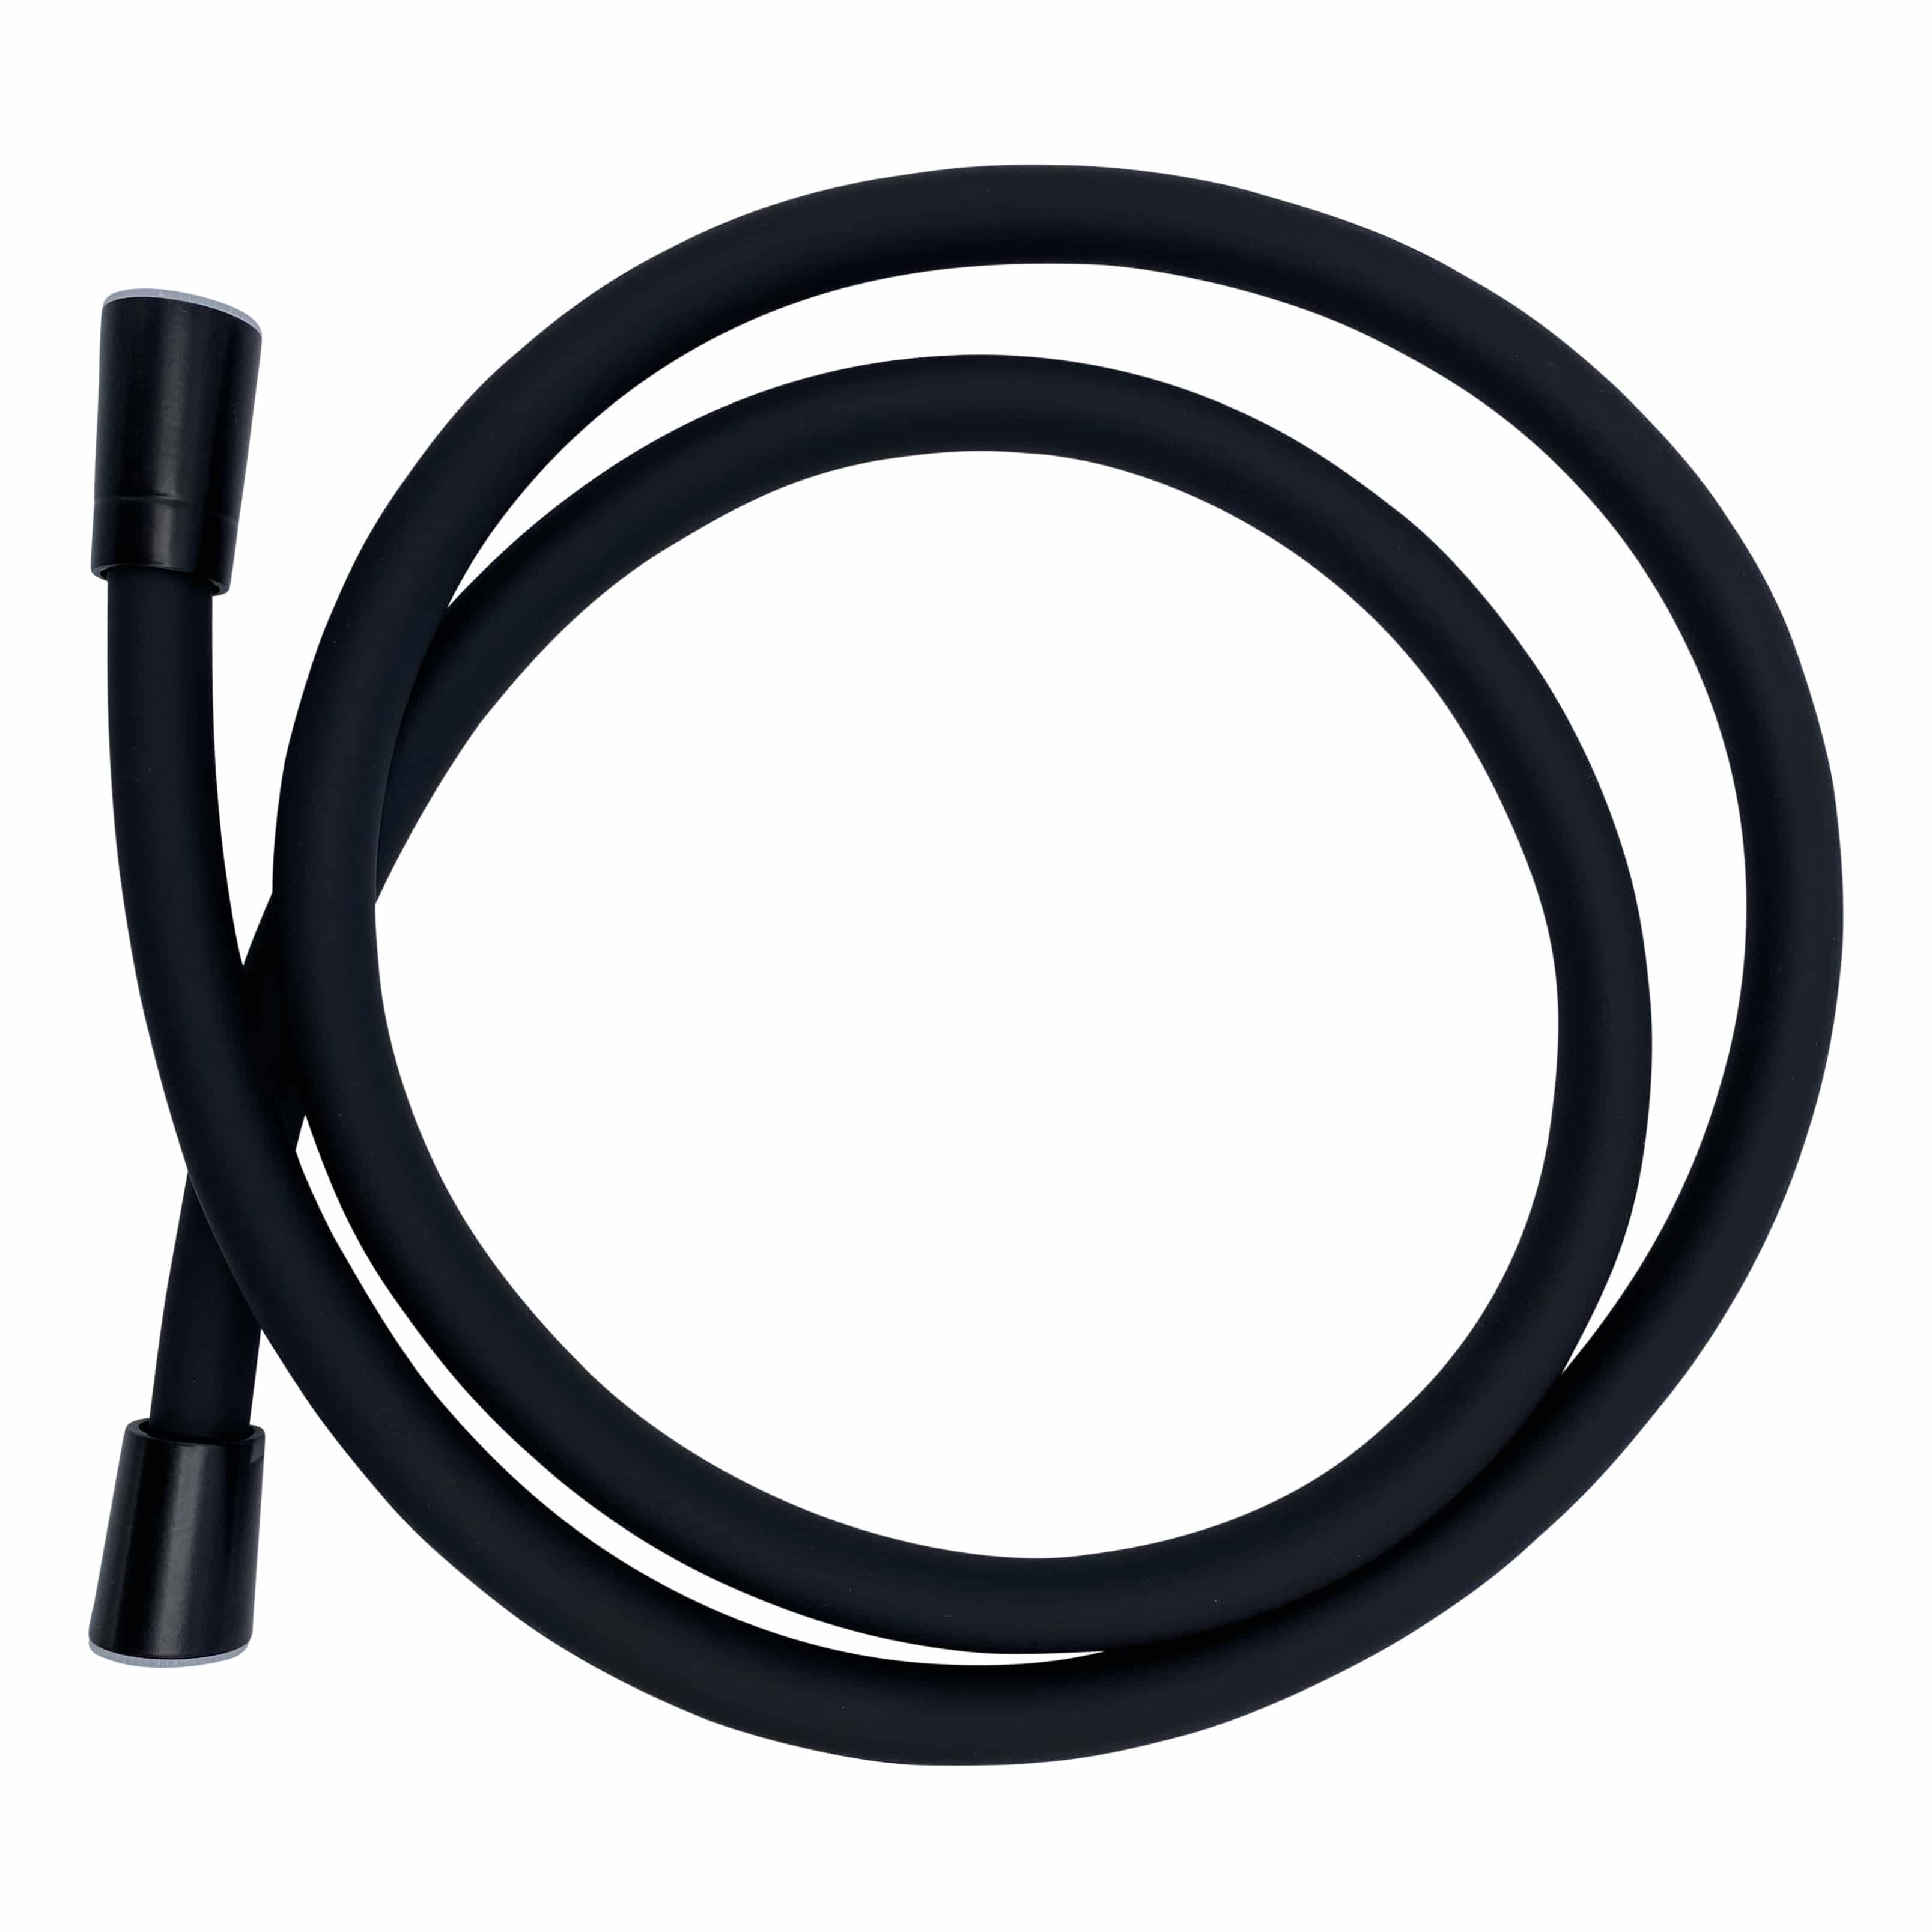 4bathroomz Flower Black Thermostatische Kraan met Glijstangset - Zwart